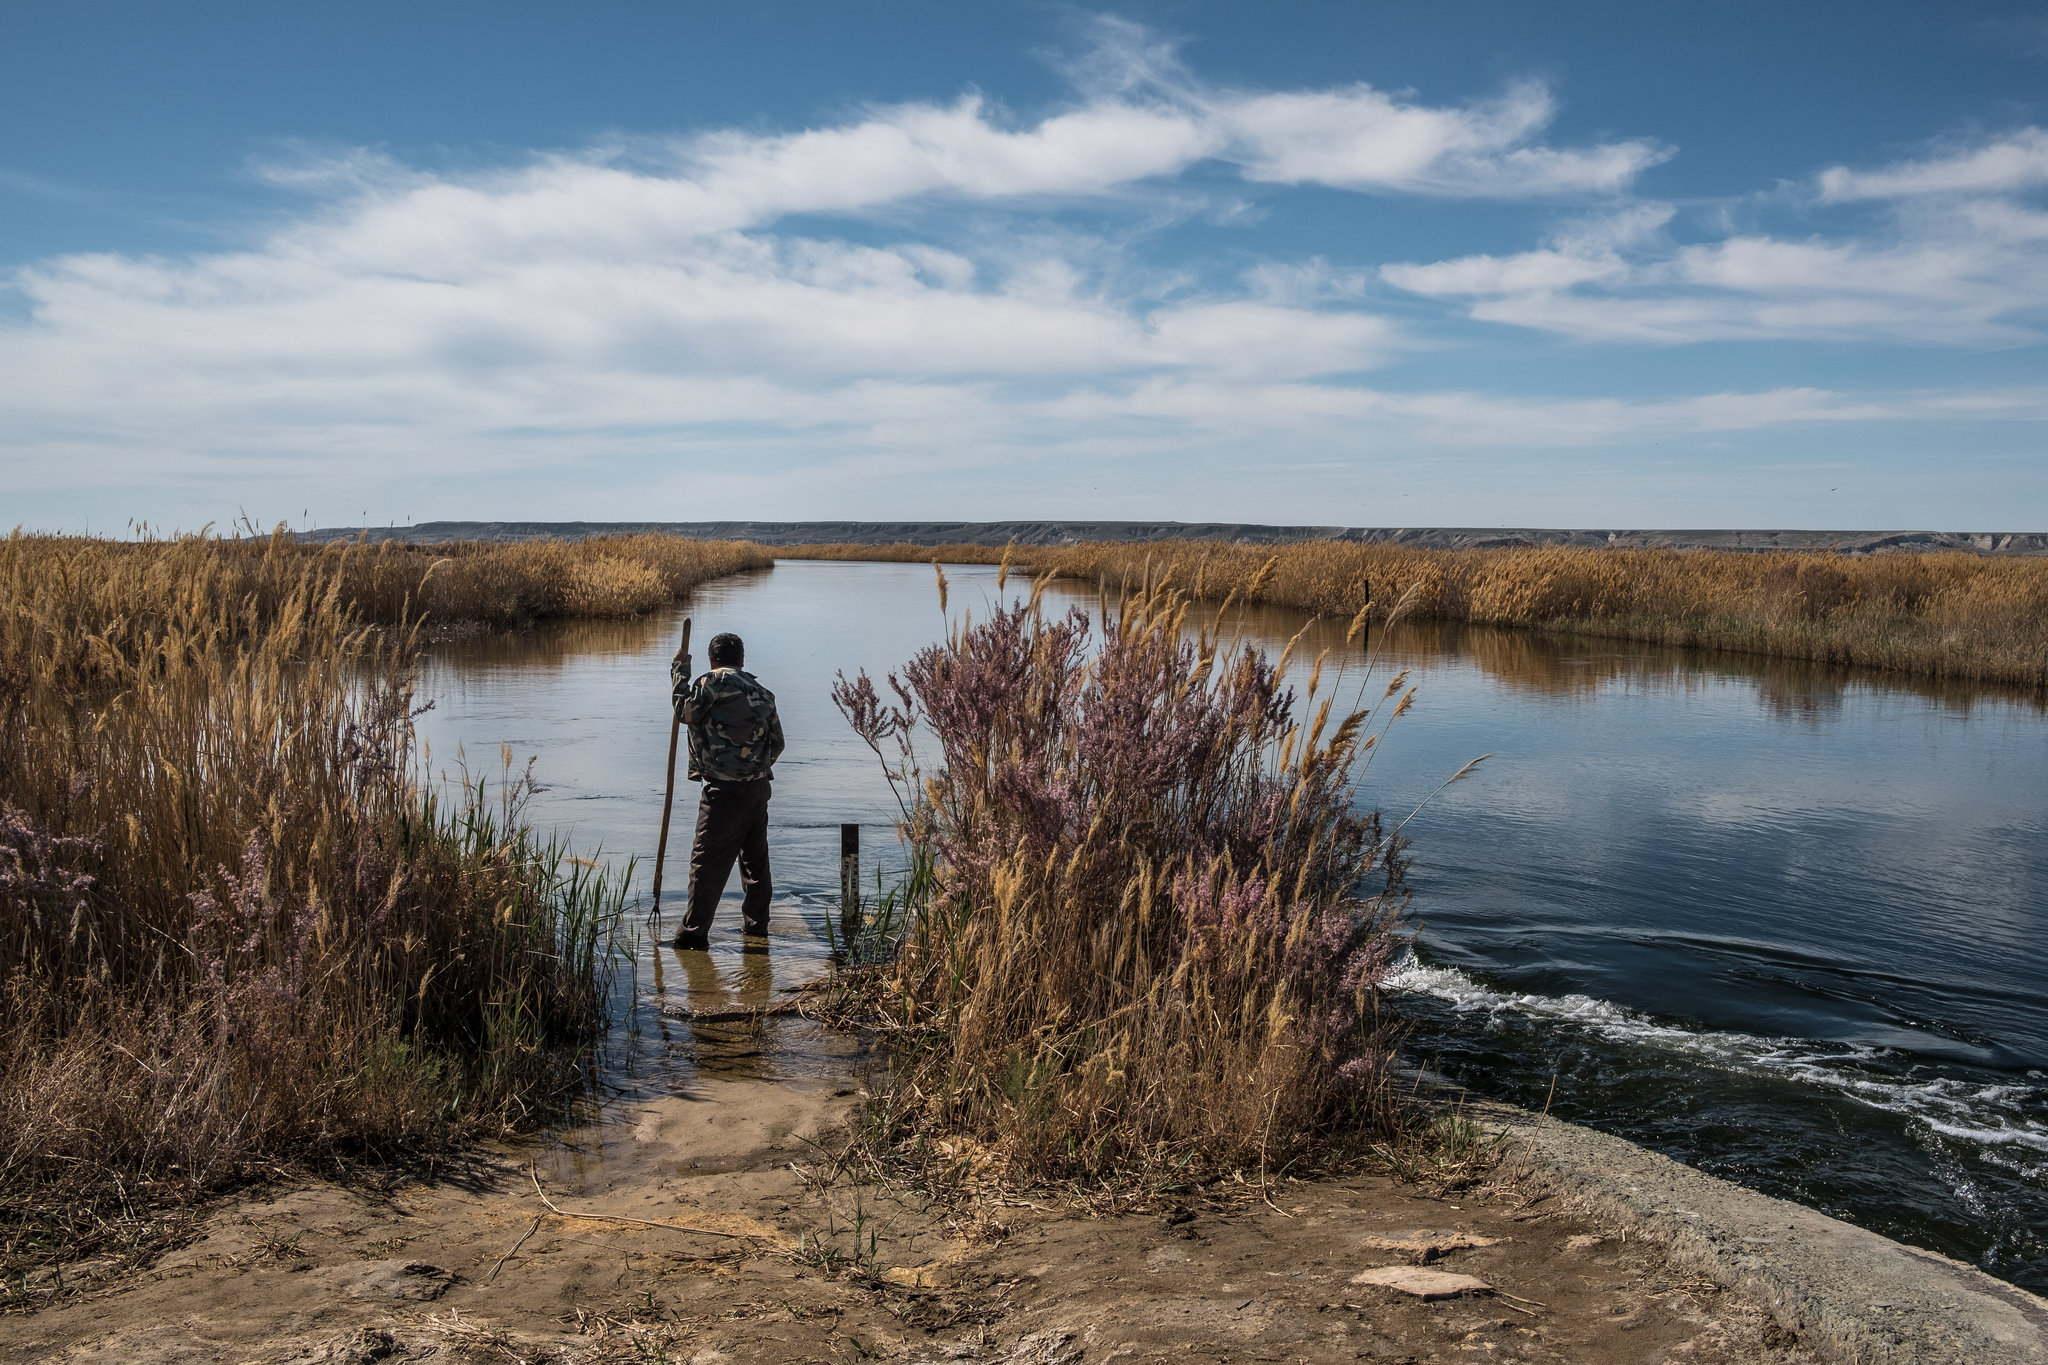 الصيد فى بحيرة سودوكي التى كانت جزءا من بحر ارال فى اوزبكستان